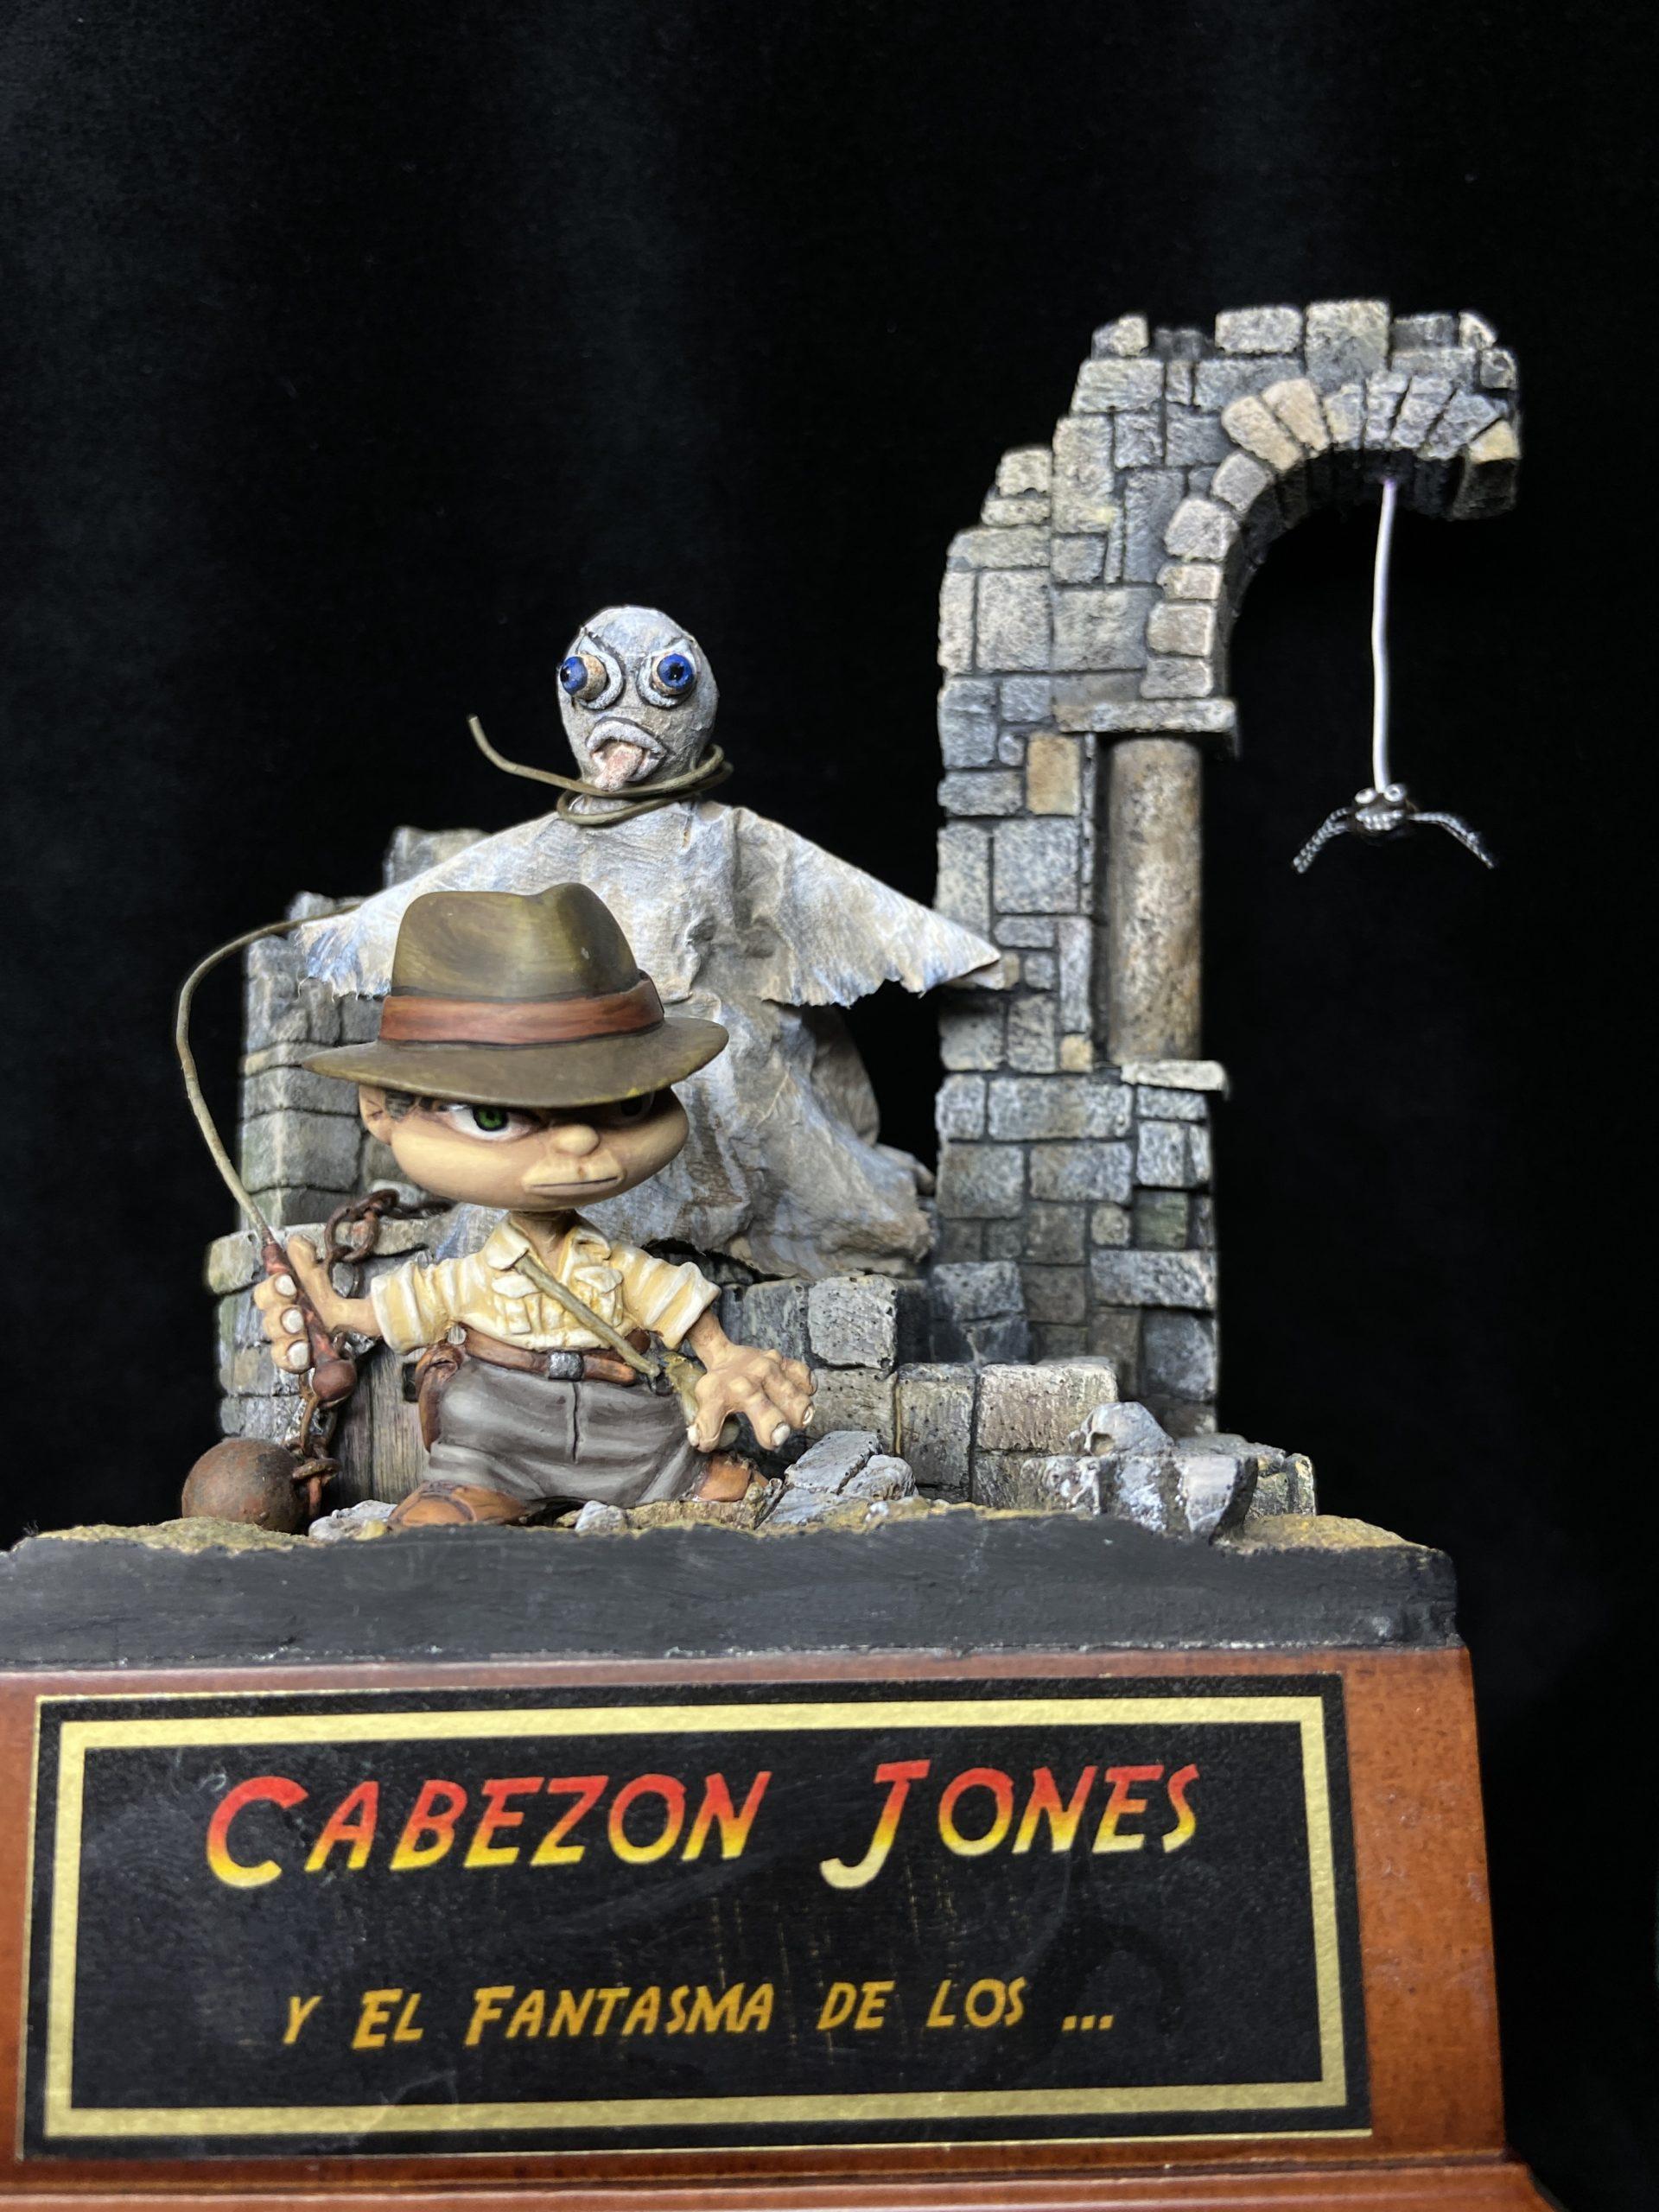 Cabezón Jones